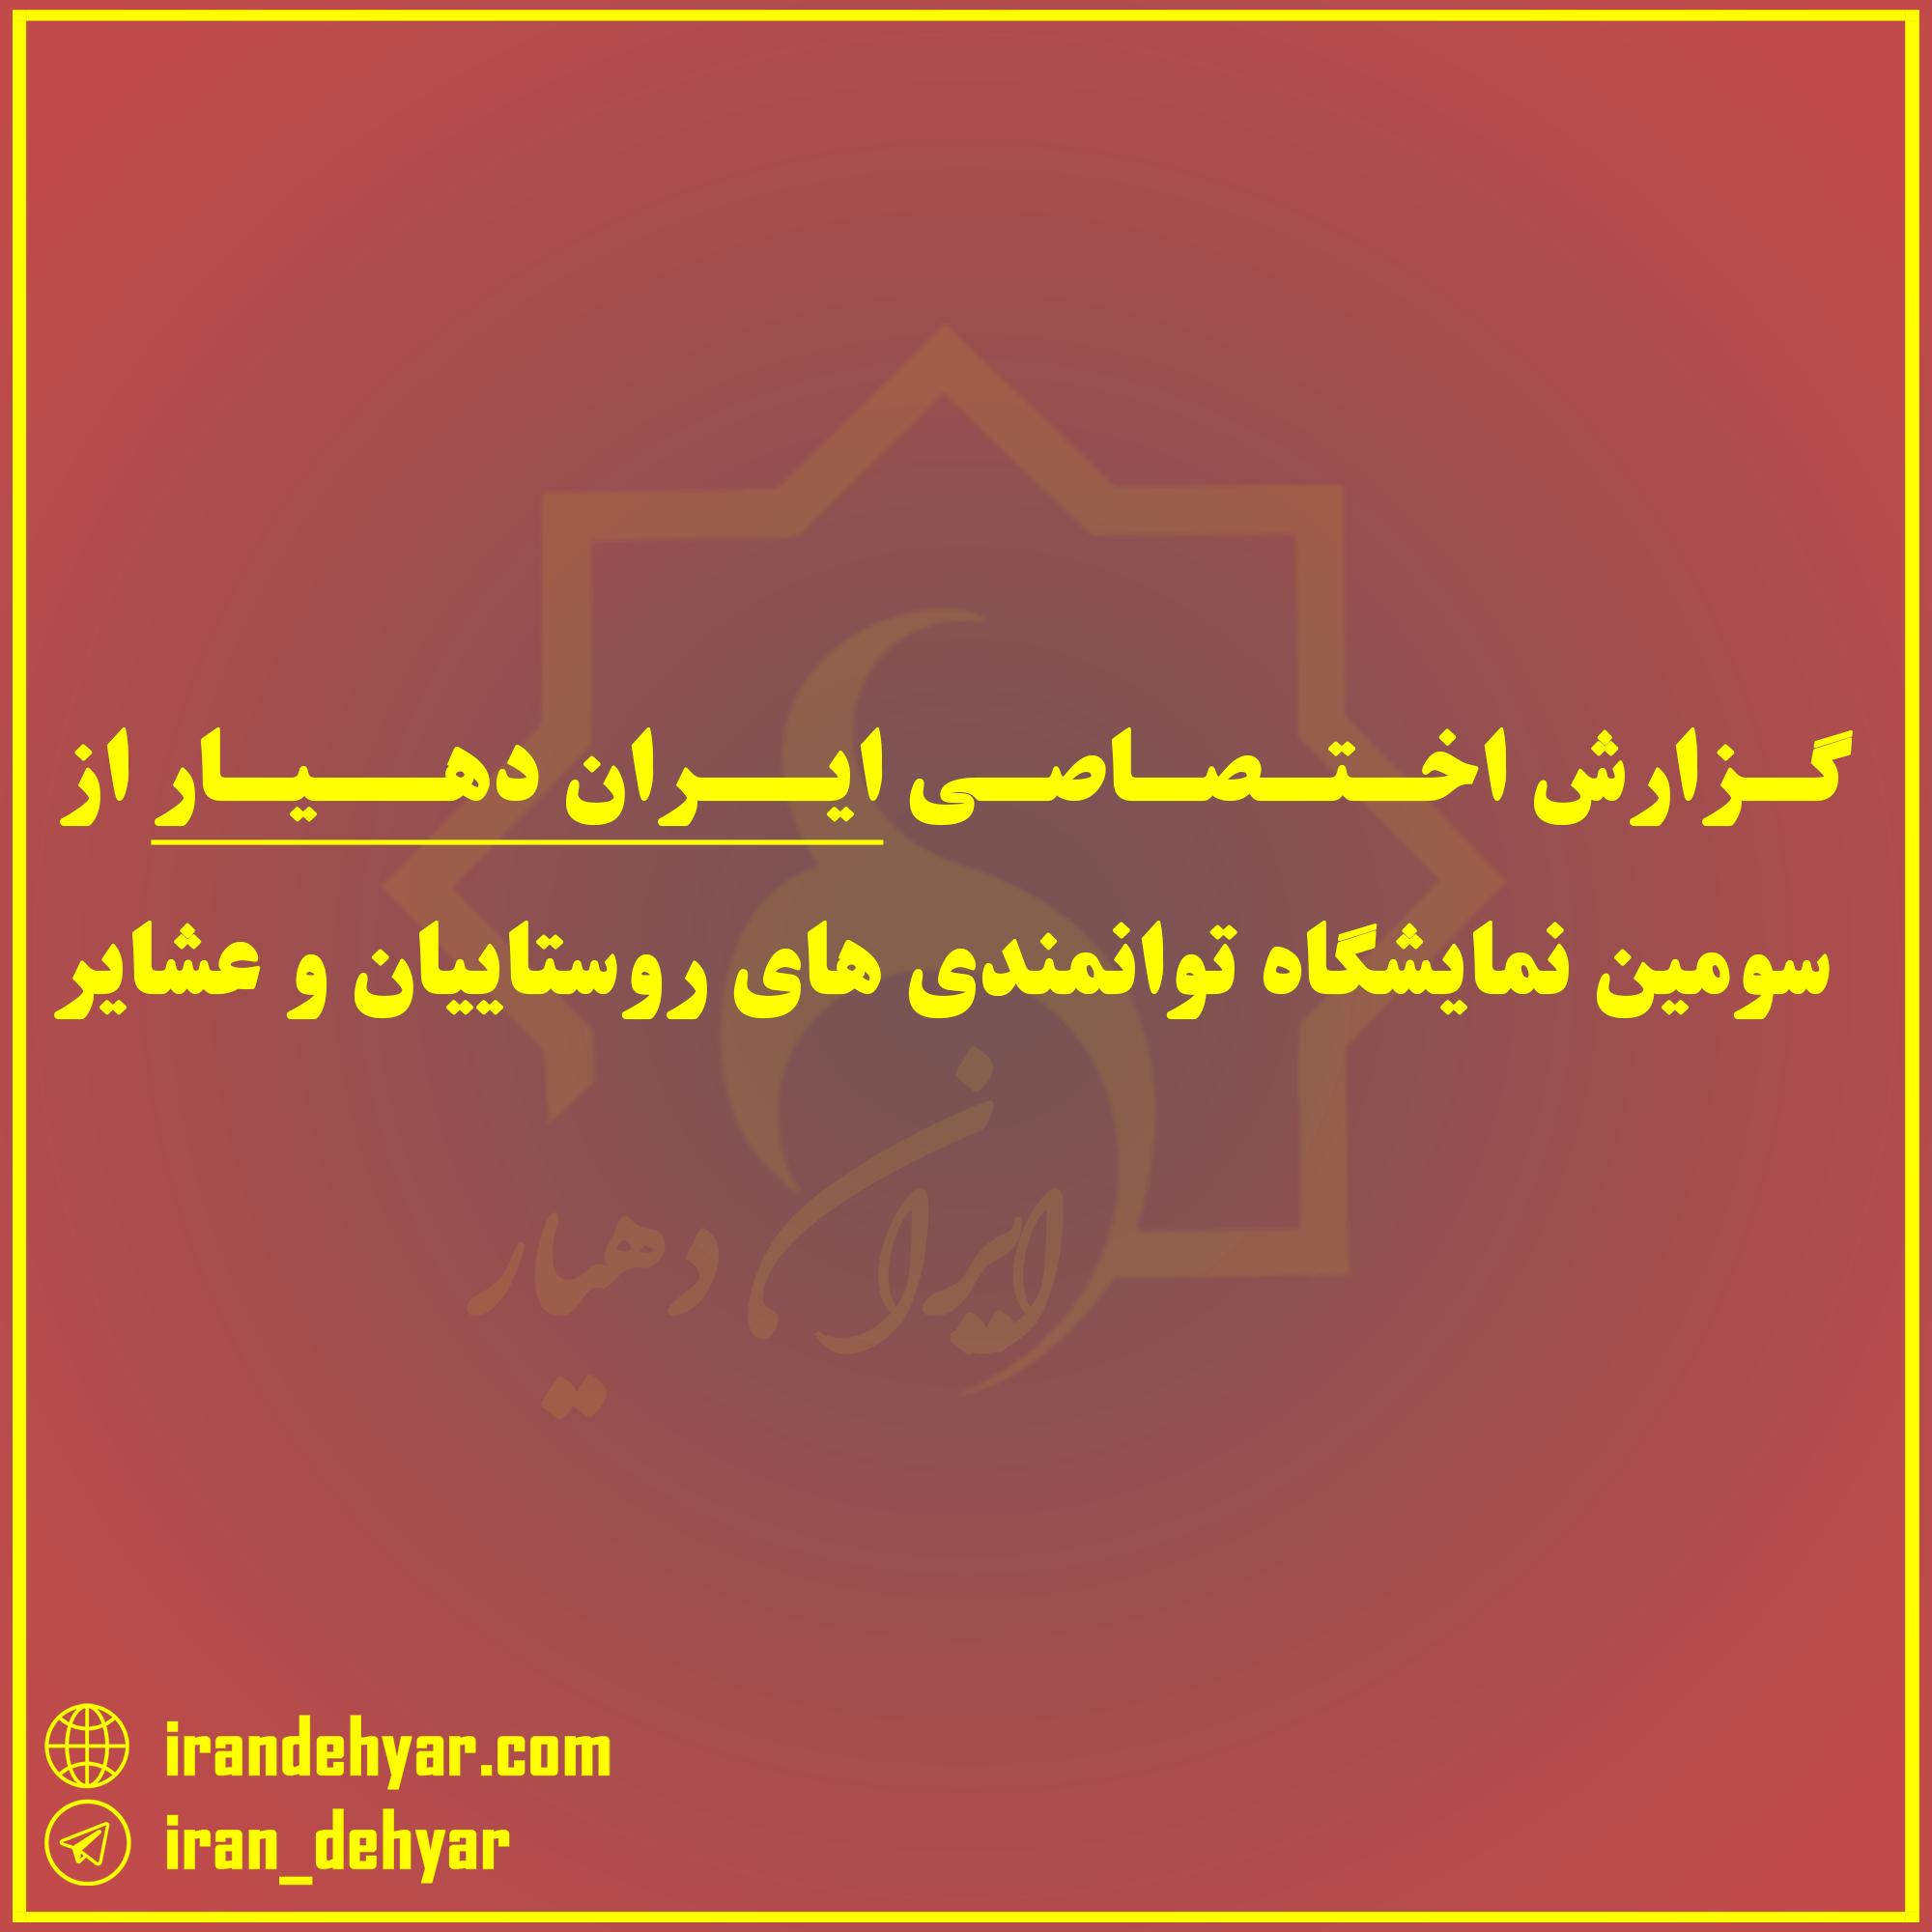 گزارش اختصاصی ایران دهیار از سومین نمایشگاه توانمندی های روستاییان و عشایر